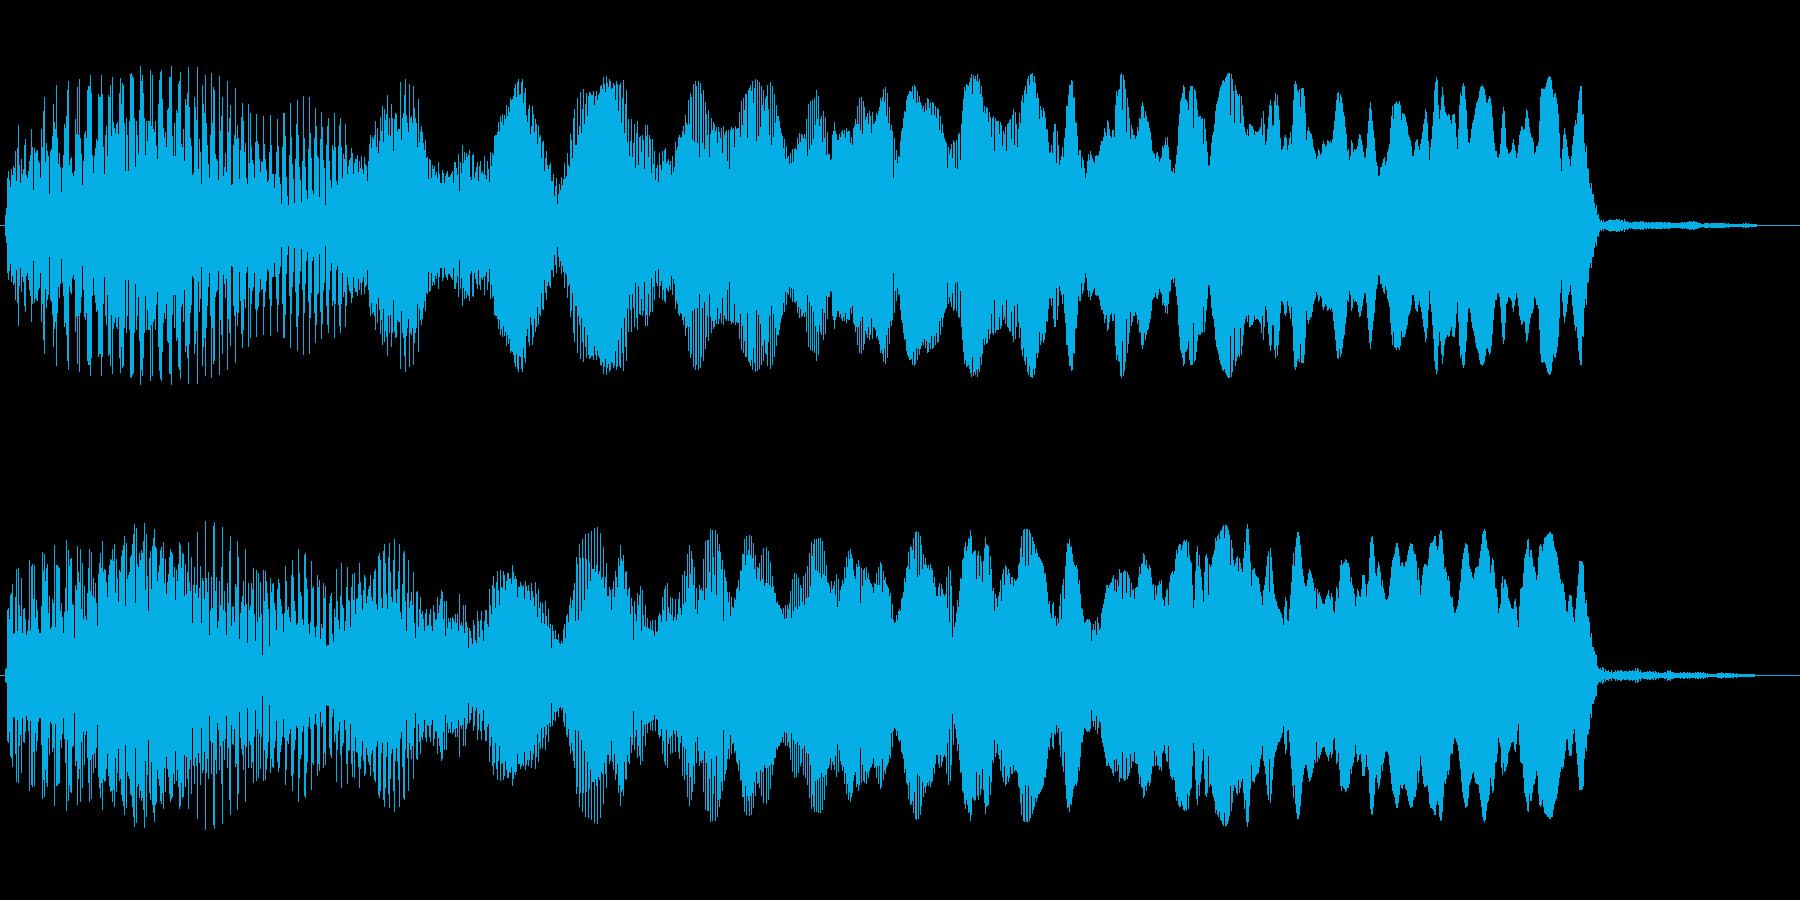 キュワーン(アップ系)の再生済みの波形